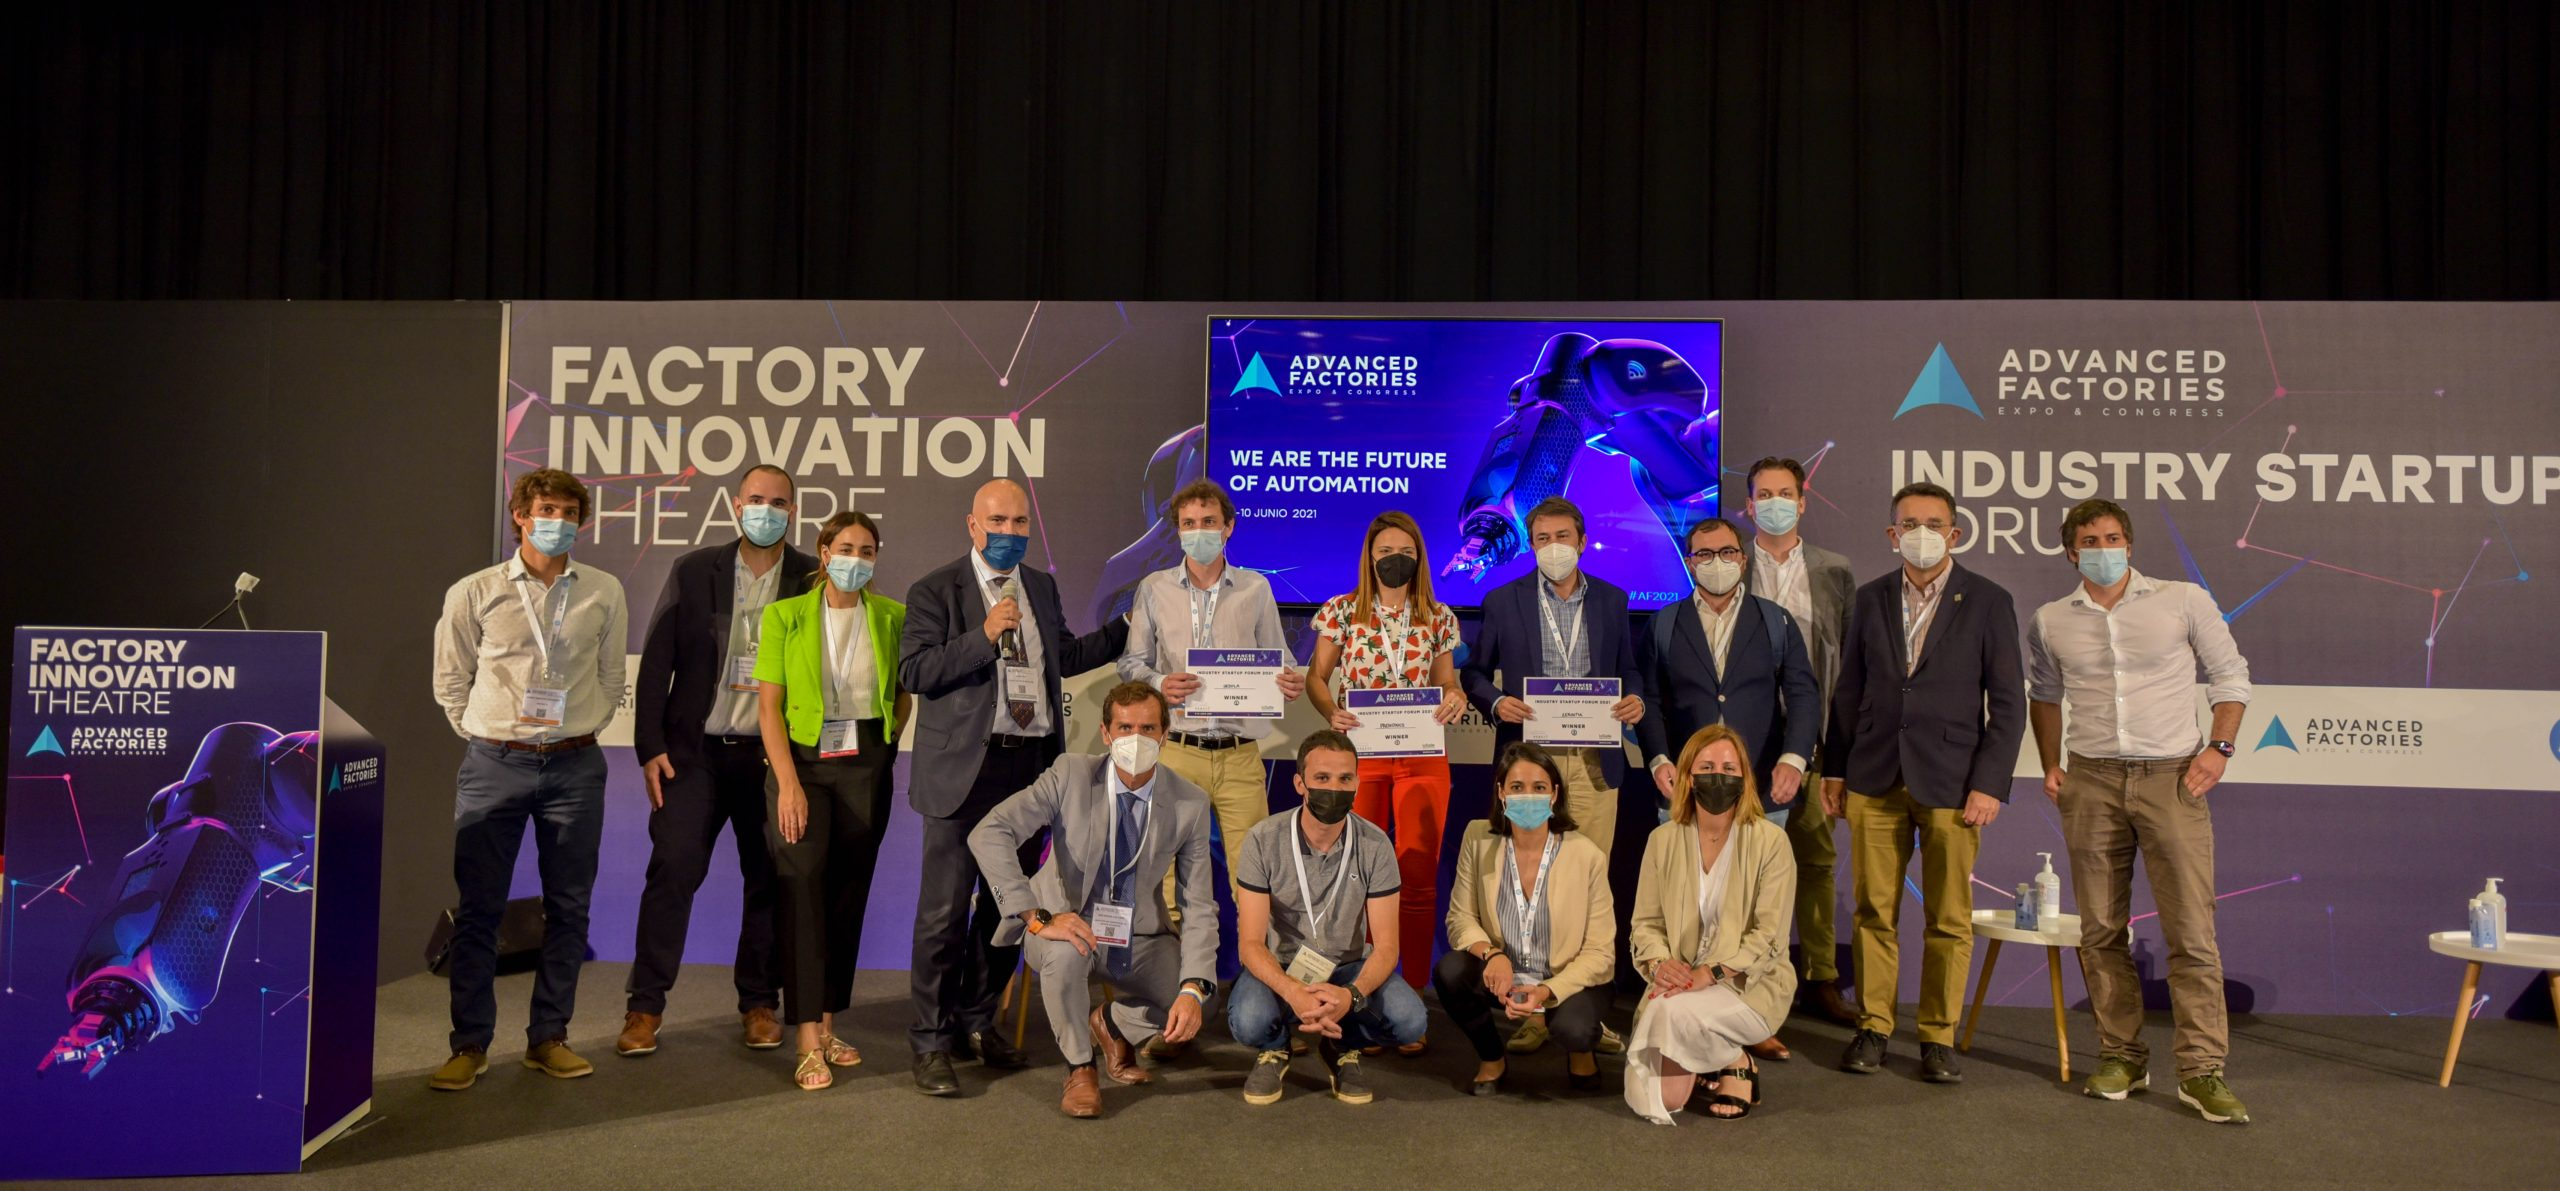 Las startups industriales más disruptivas se centran en la inteligencia artificial para transformar las fábricas